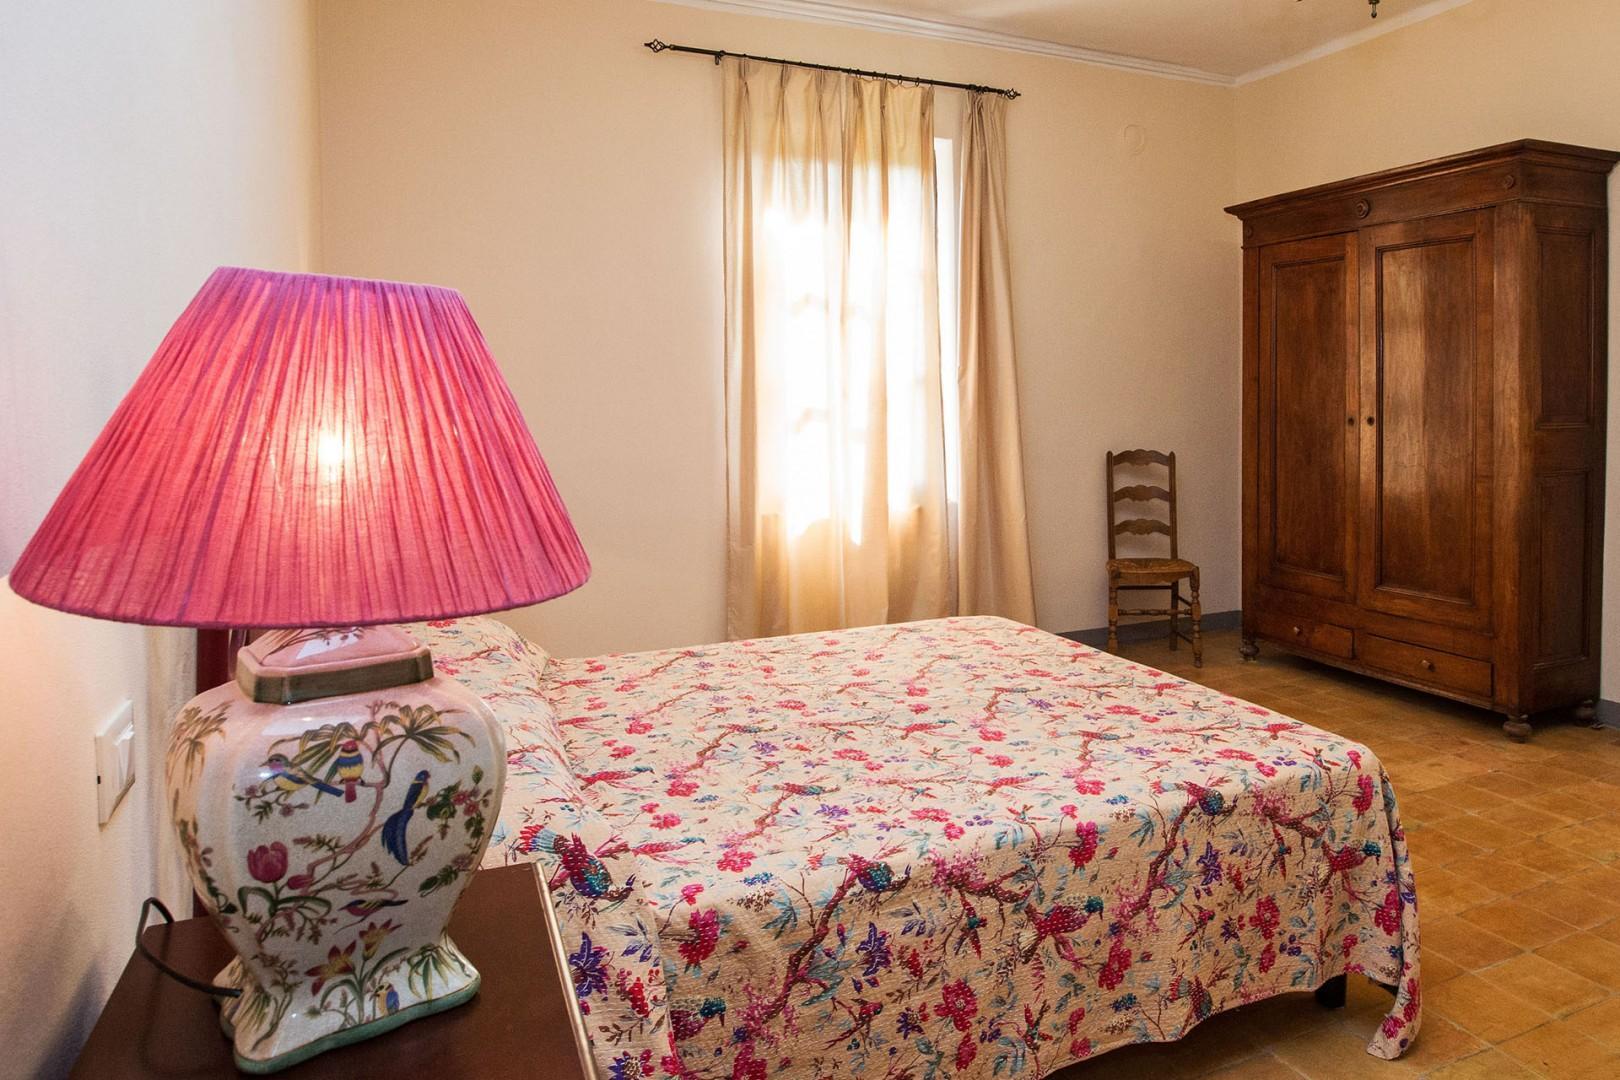 Bedroom 3 has an en suite bath with whirlpool tub.